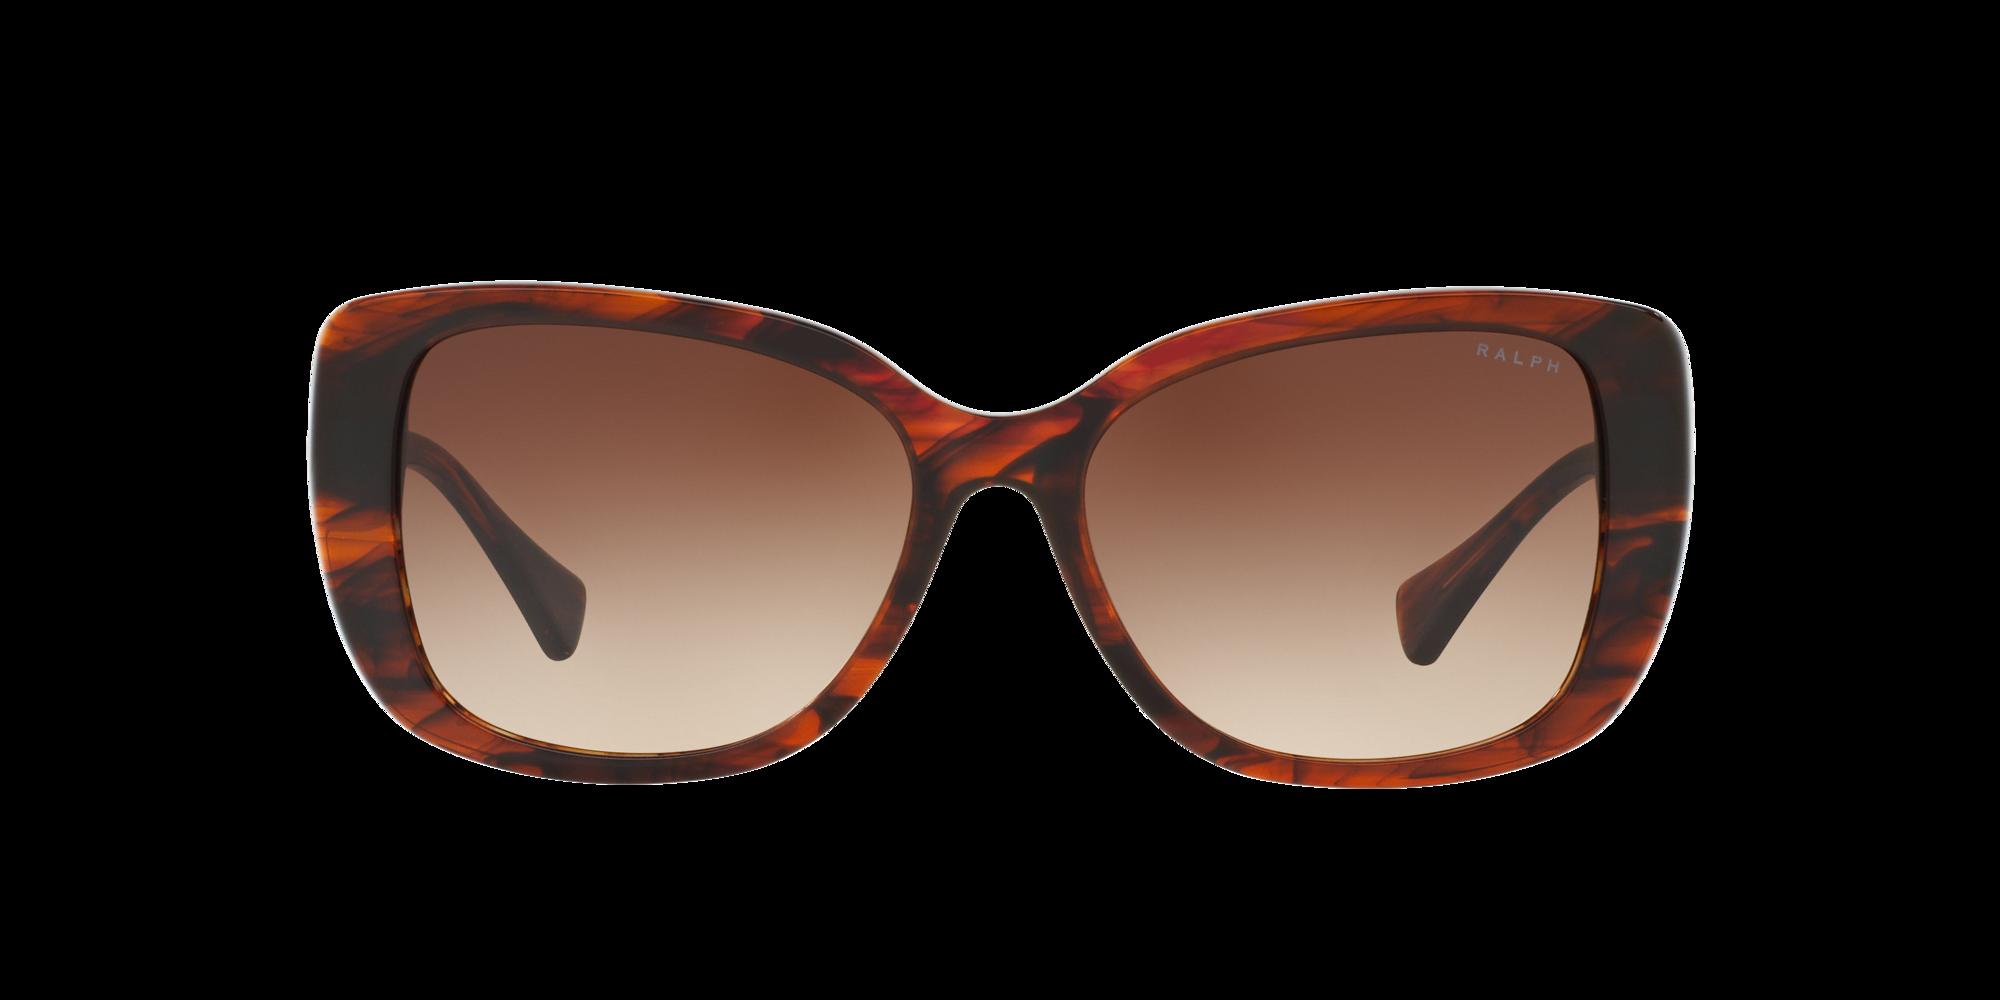 Imagen para RA5223 57 de LensCrafters    Espejuelos, espejuelos graduados en línea, gafas